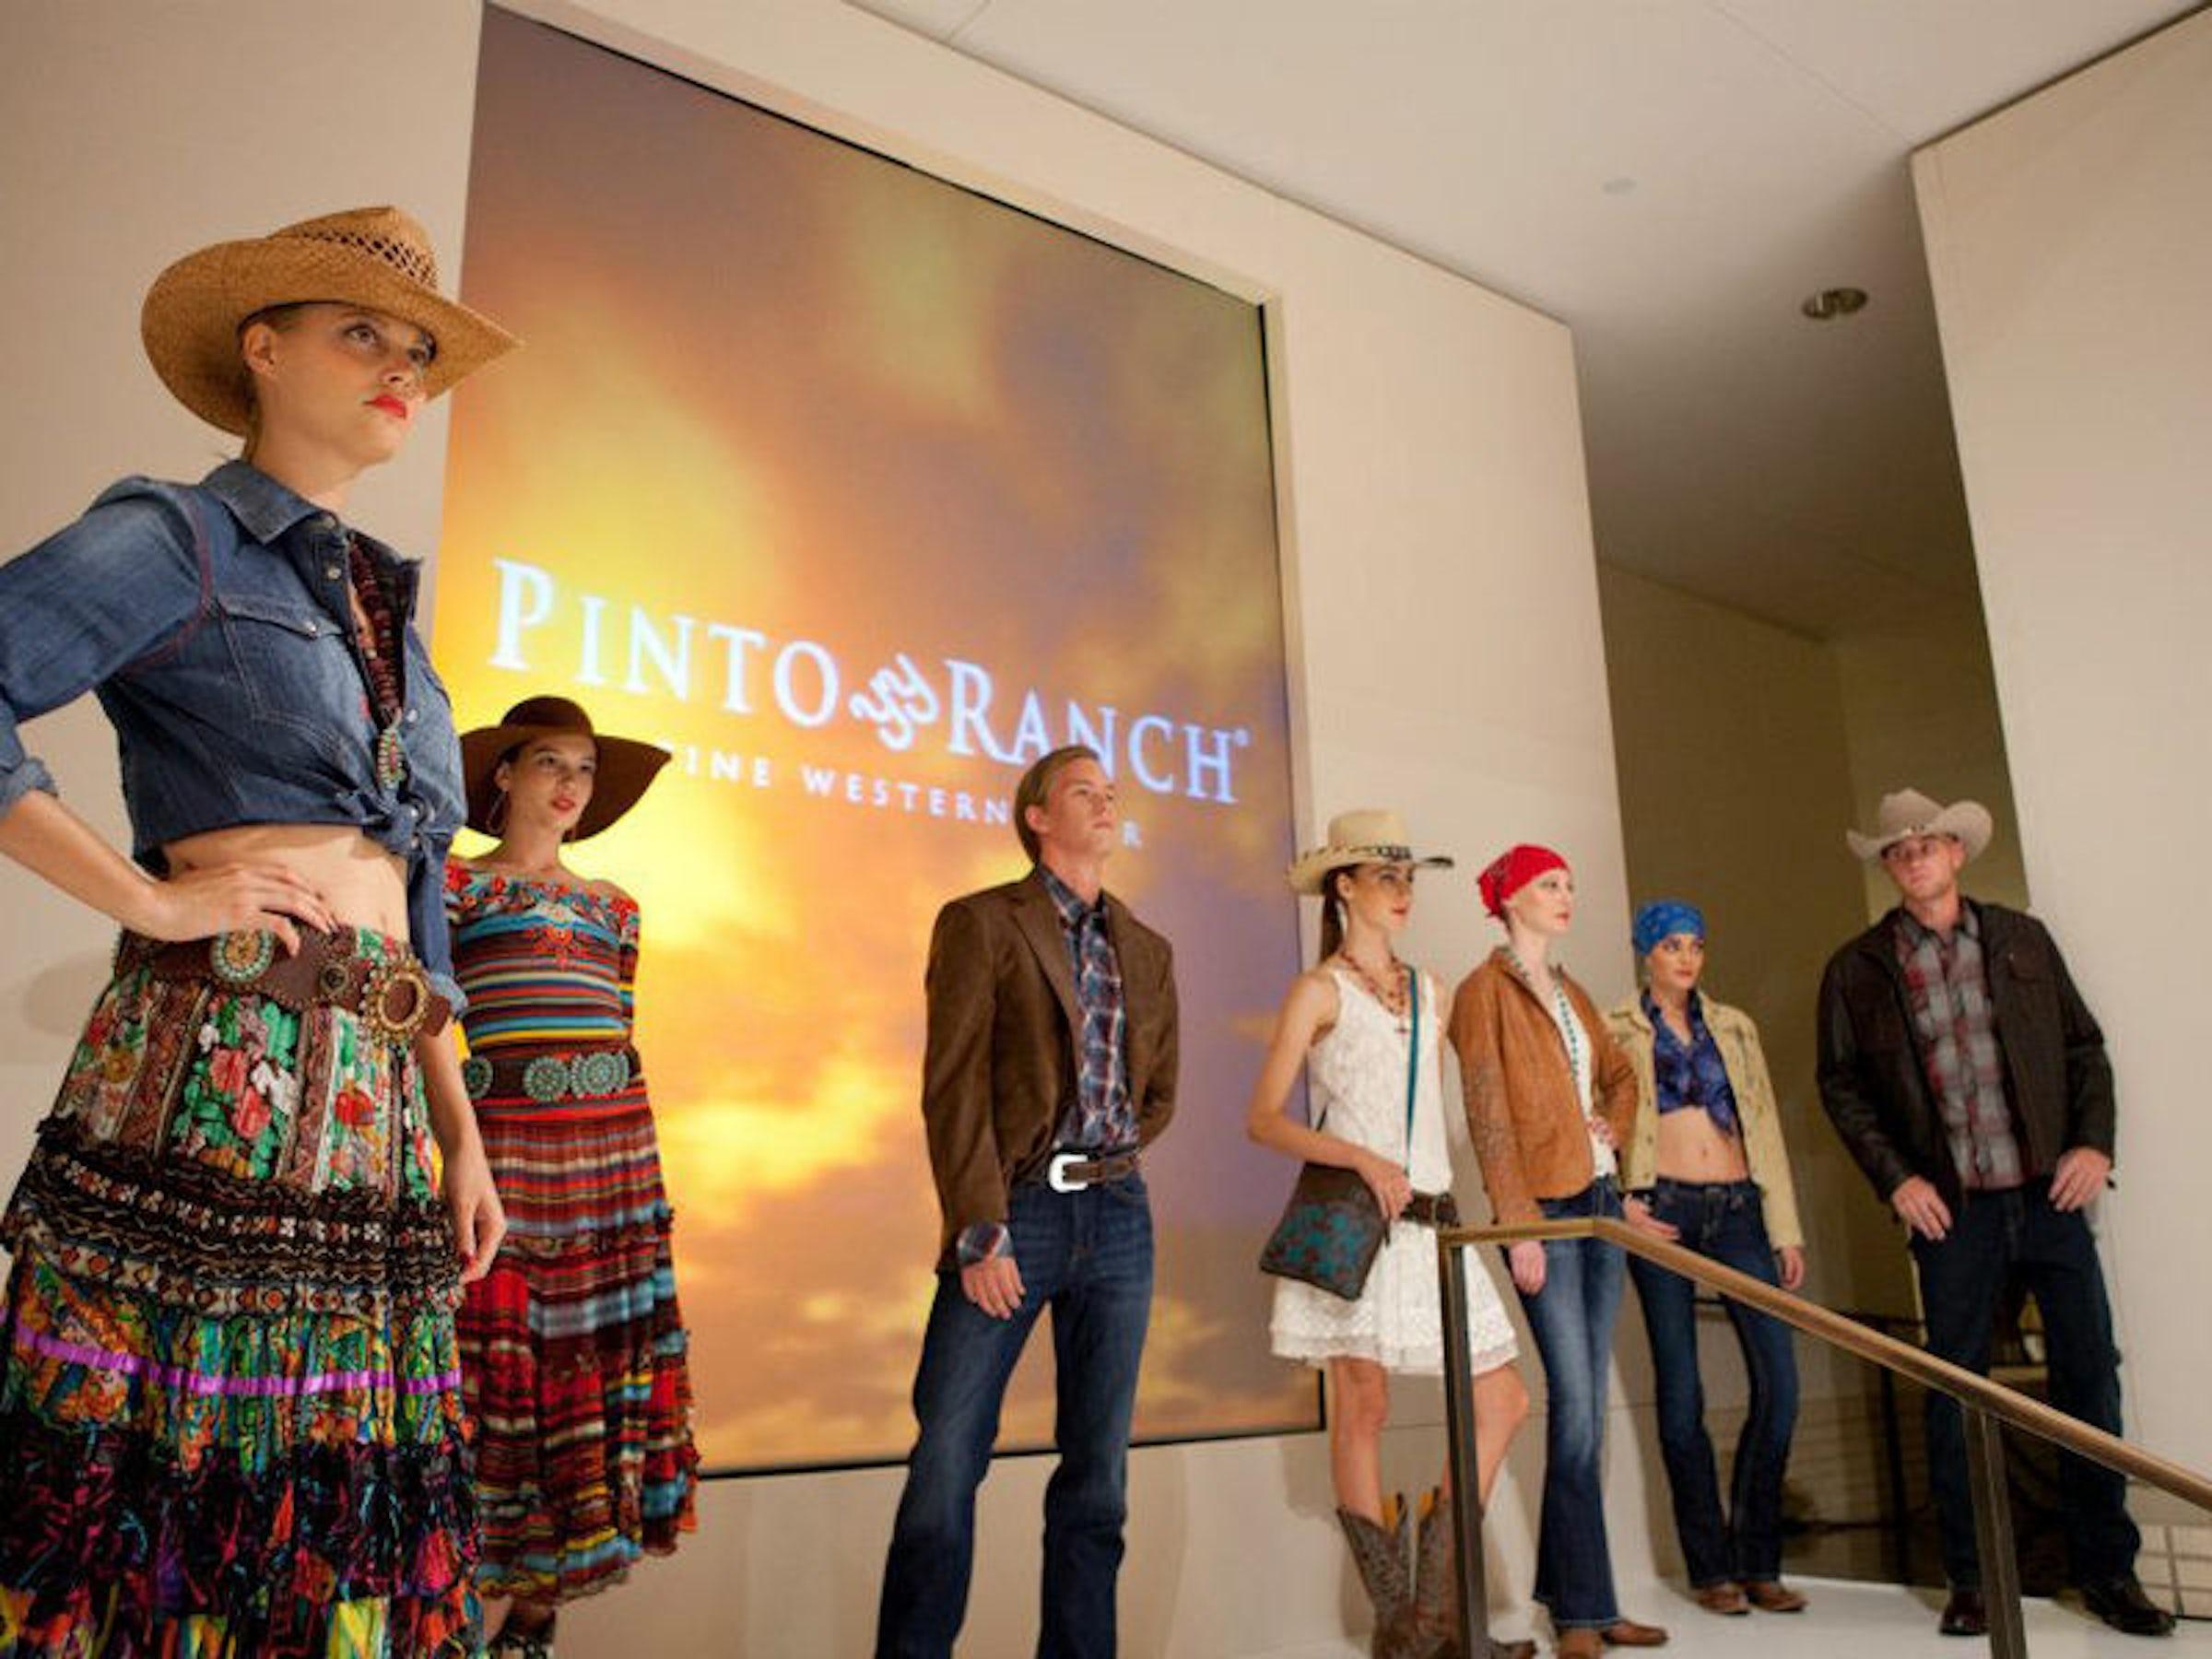 Pinto Ranch Fine Western Wear in Beyond Dallas